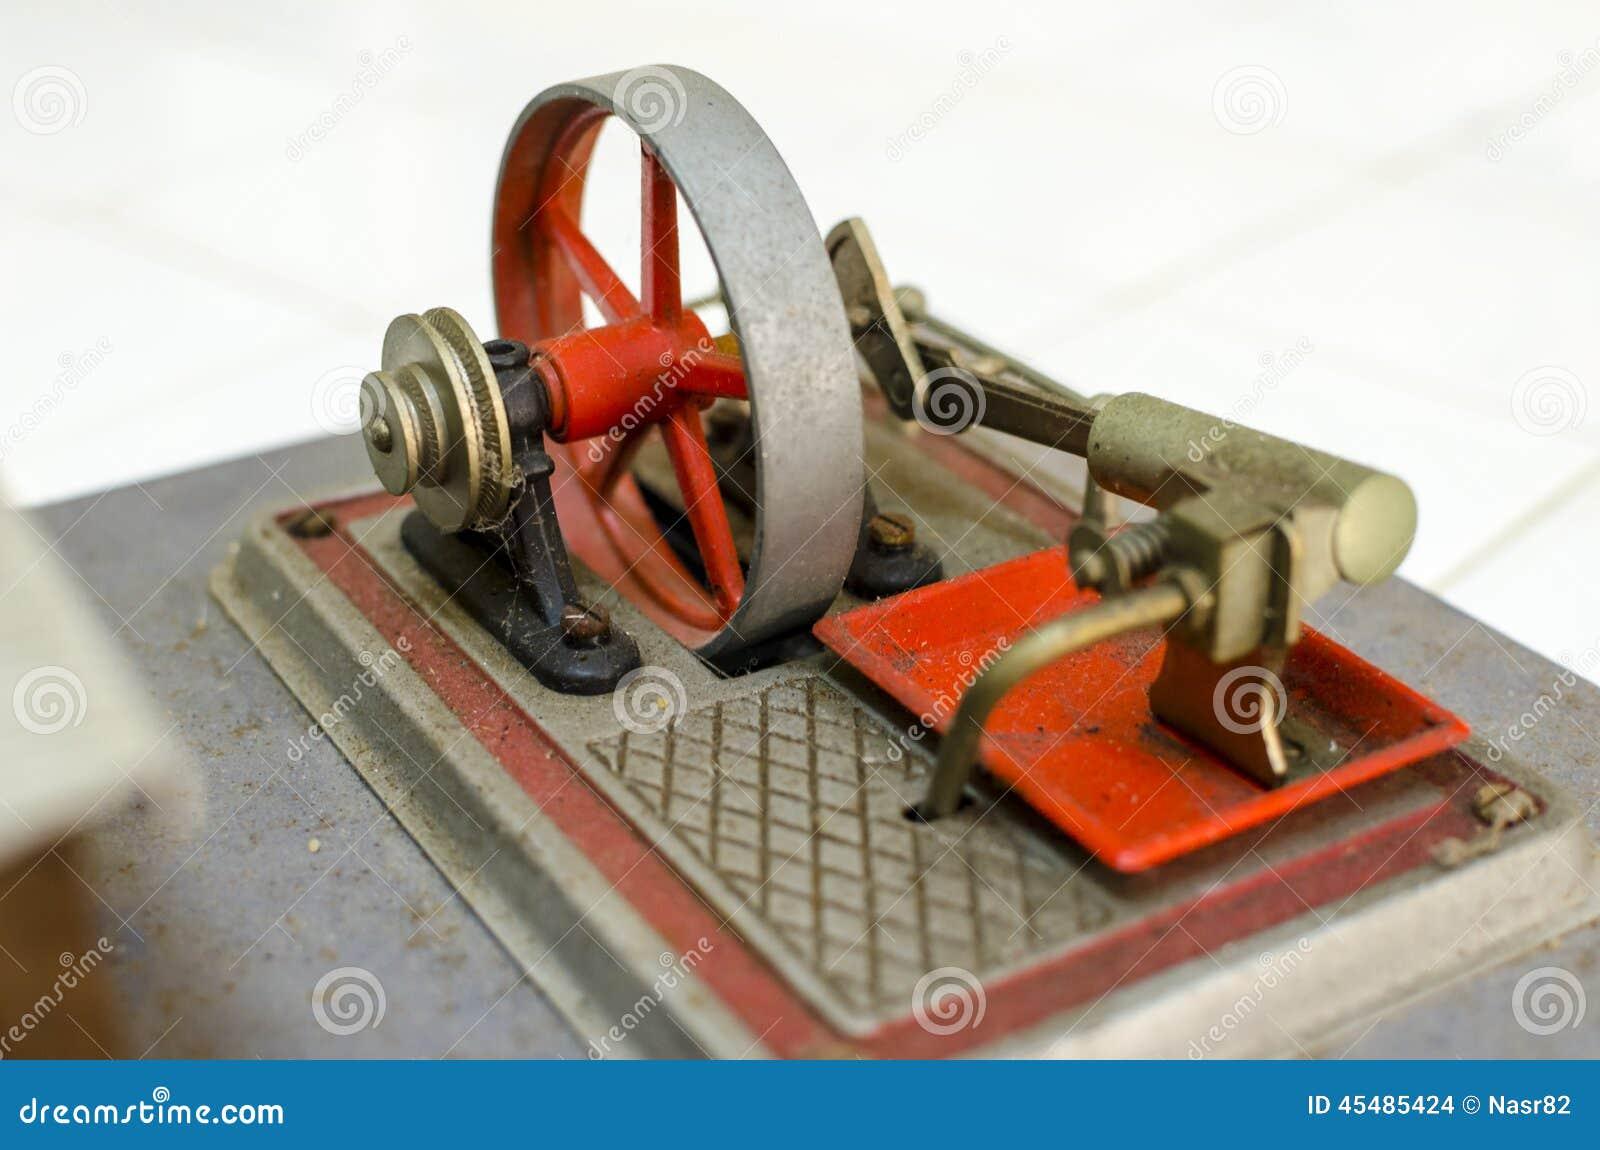 蒸汽引擎模型成套工具